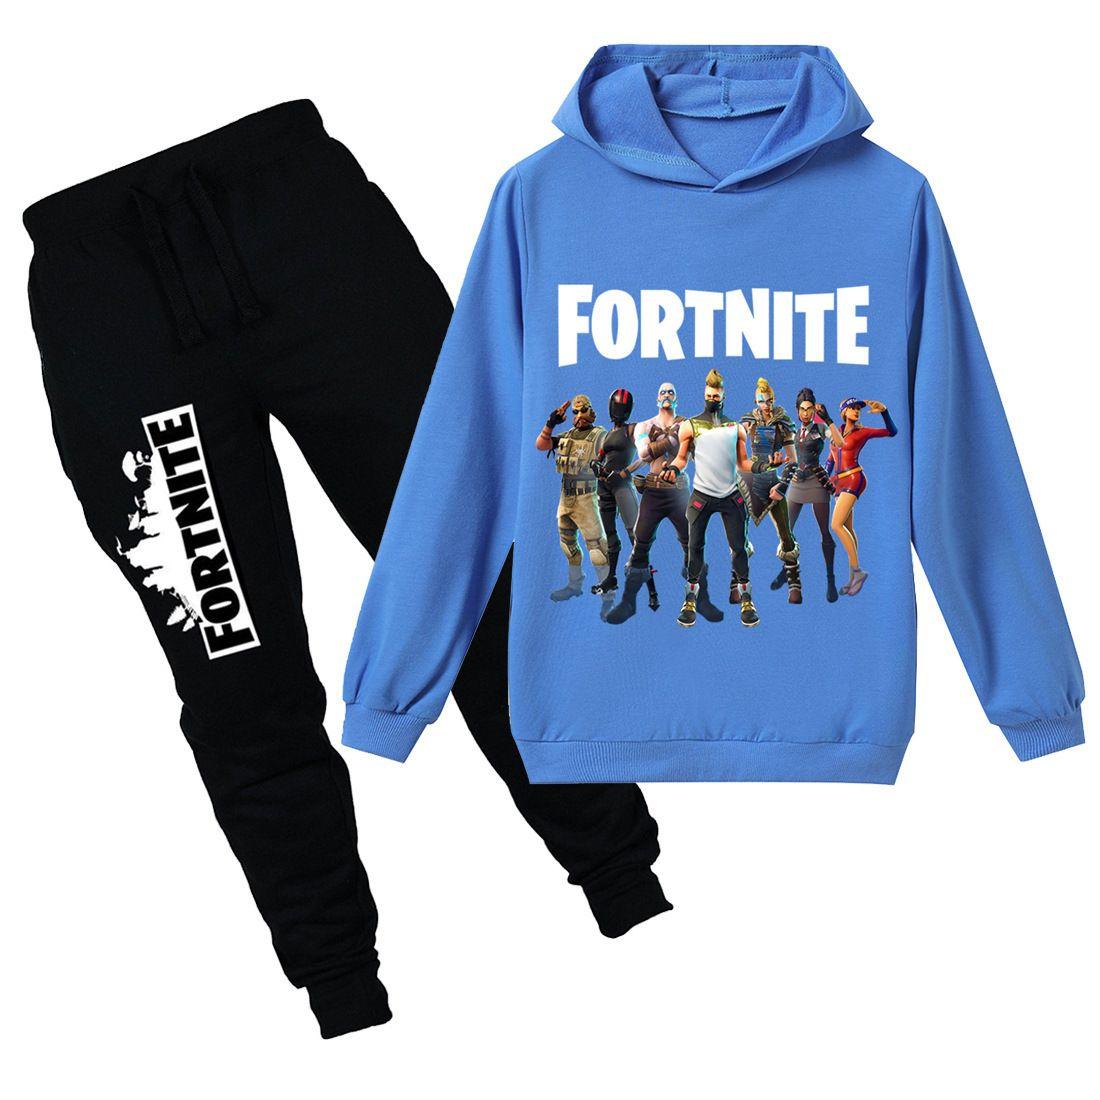 Teenmiro Fortnite Vêtements enfants Set Pour Garçons Filles Printemps Enfants Sport Costume adolescents Sweat à capuche Pantalons Survêtement Battle Royale Enfant